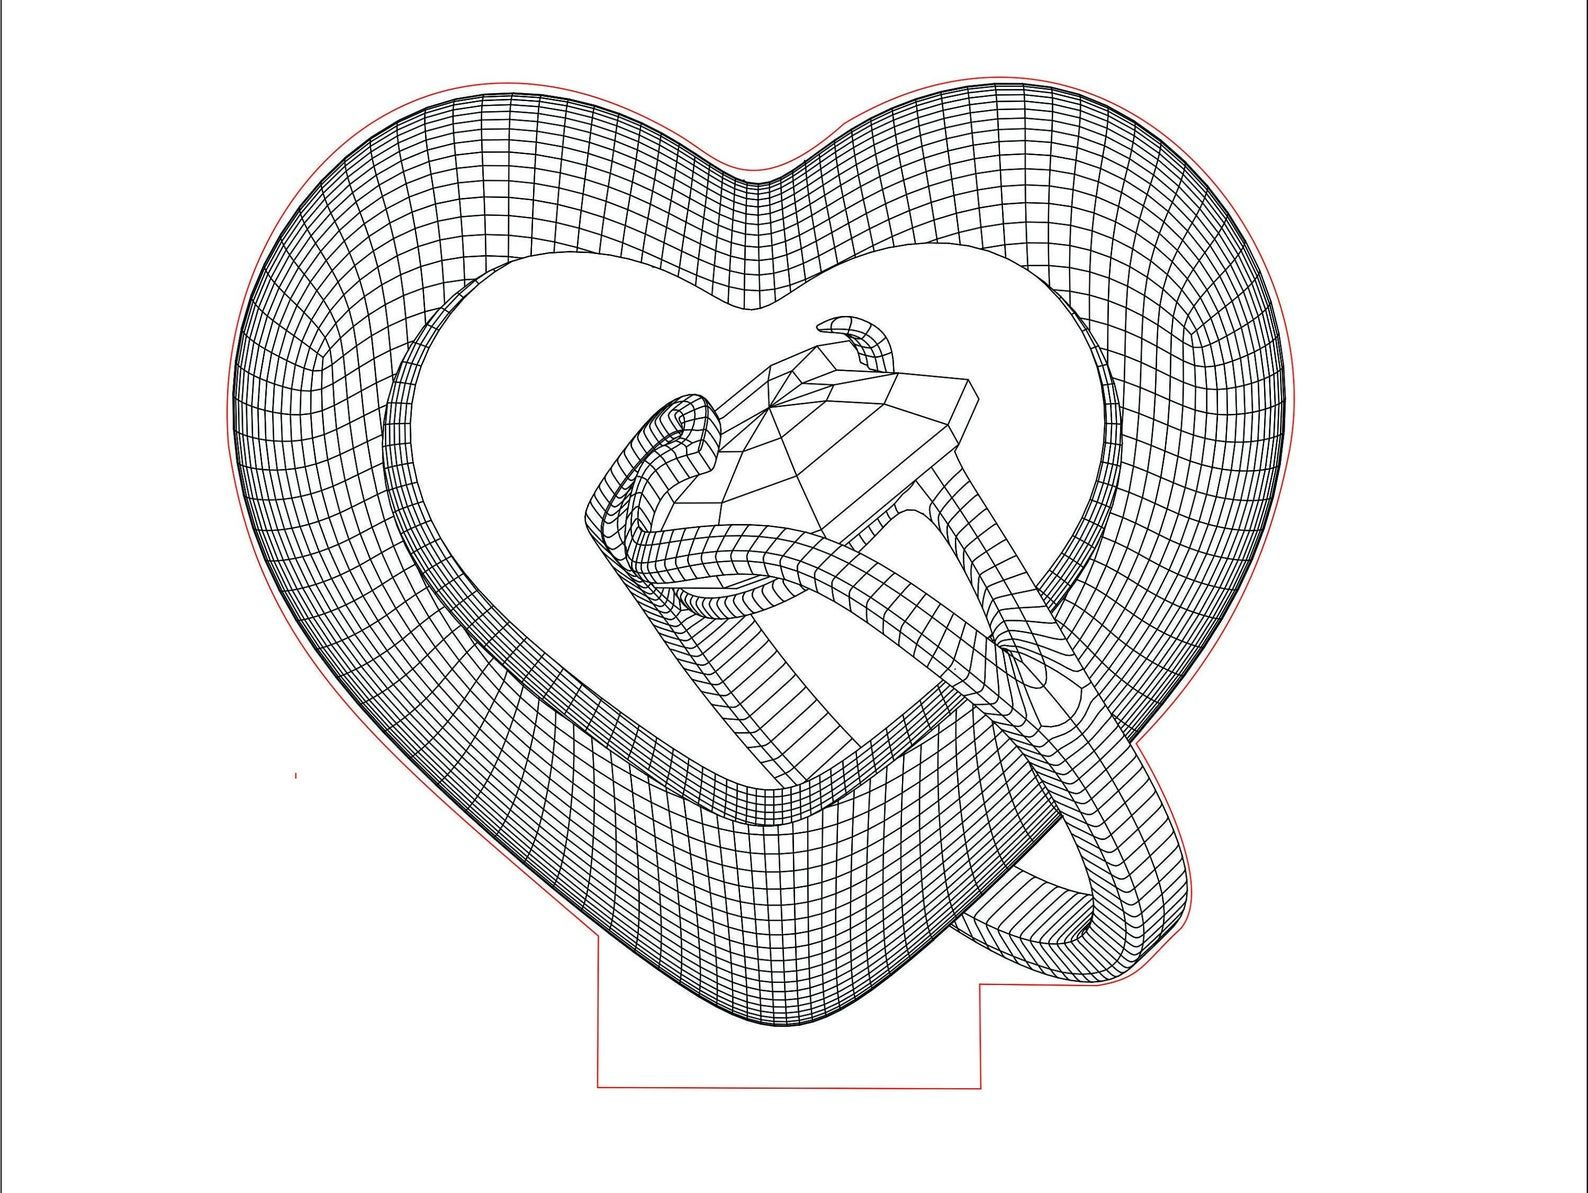 Corazon Con Lampara Led Acrilica De 3d Illusion Vector Dxf Etsy In 2020 Illusions 3d Illusions Acrylic